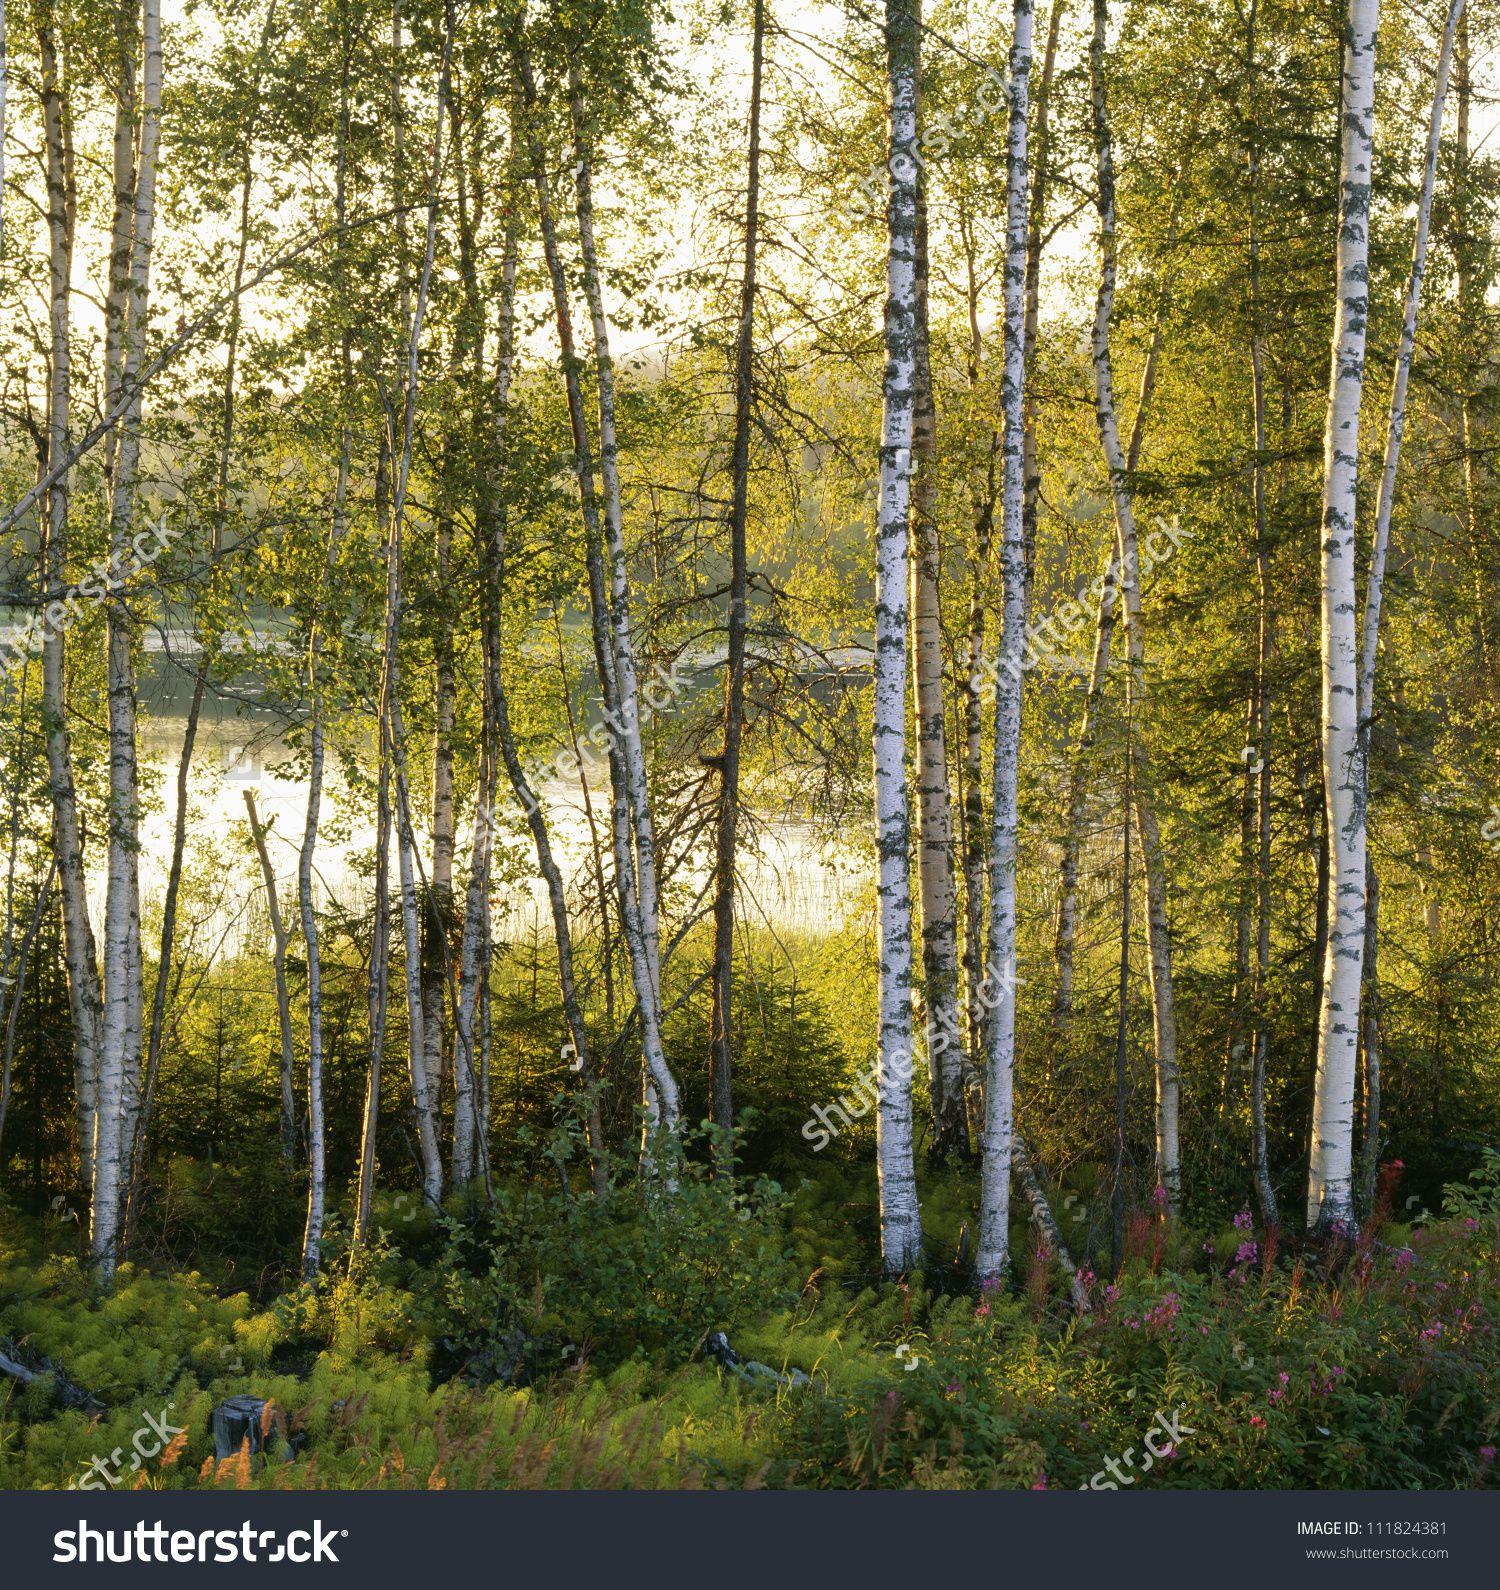 Birch-tree forest, Angermaland, Sweden | birch | Pinterest | Tree ...